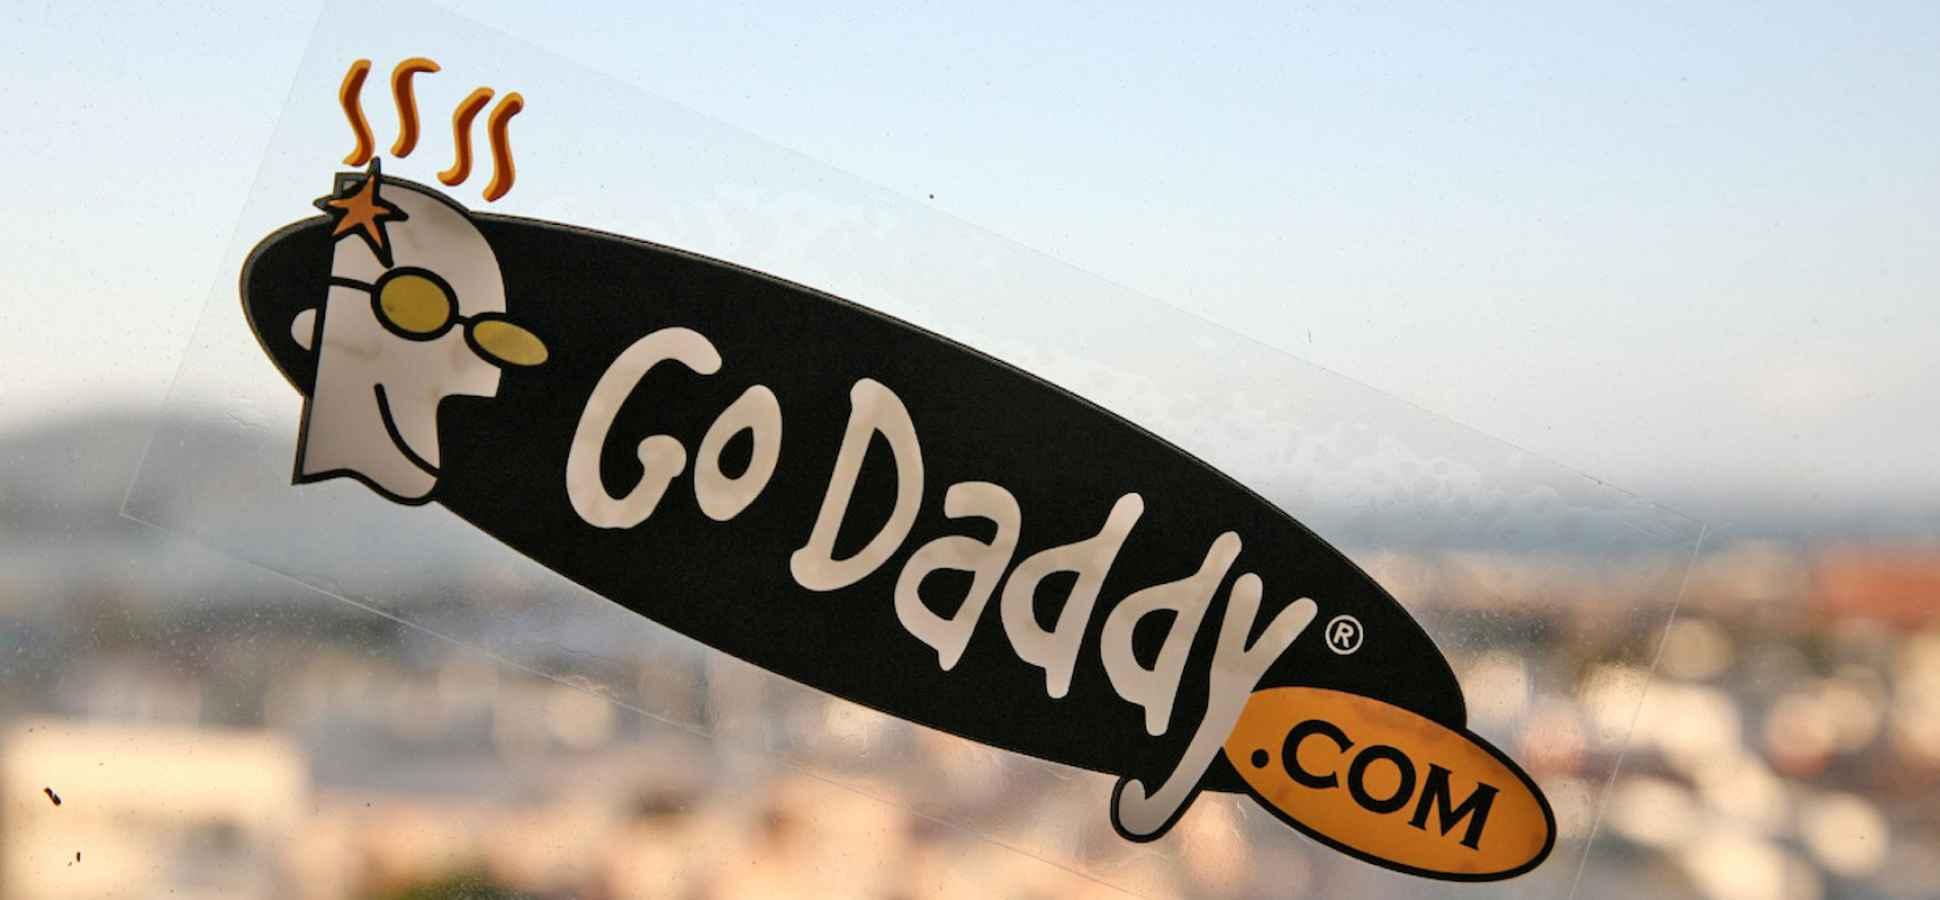 GoDaddy com - Scottsdale, AZ